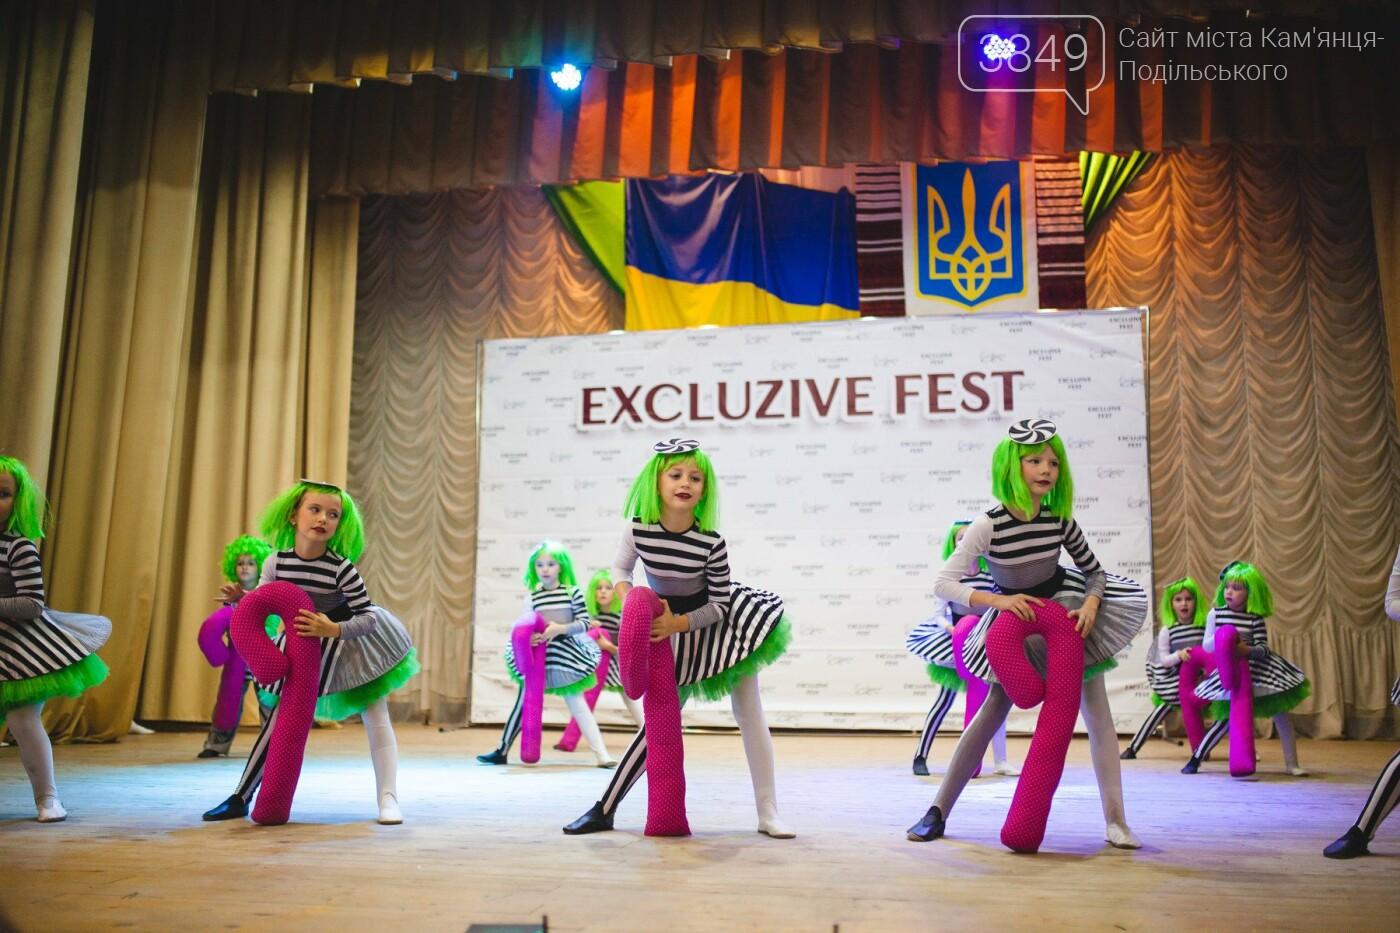 Юні кам'янецькі танцюристи завоювали чотири I місця та Гран-прі найбільшого фестивалю Західної України, фото-15